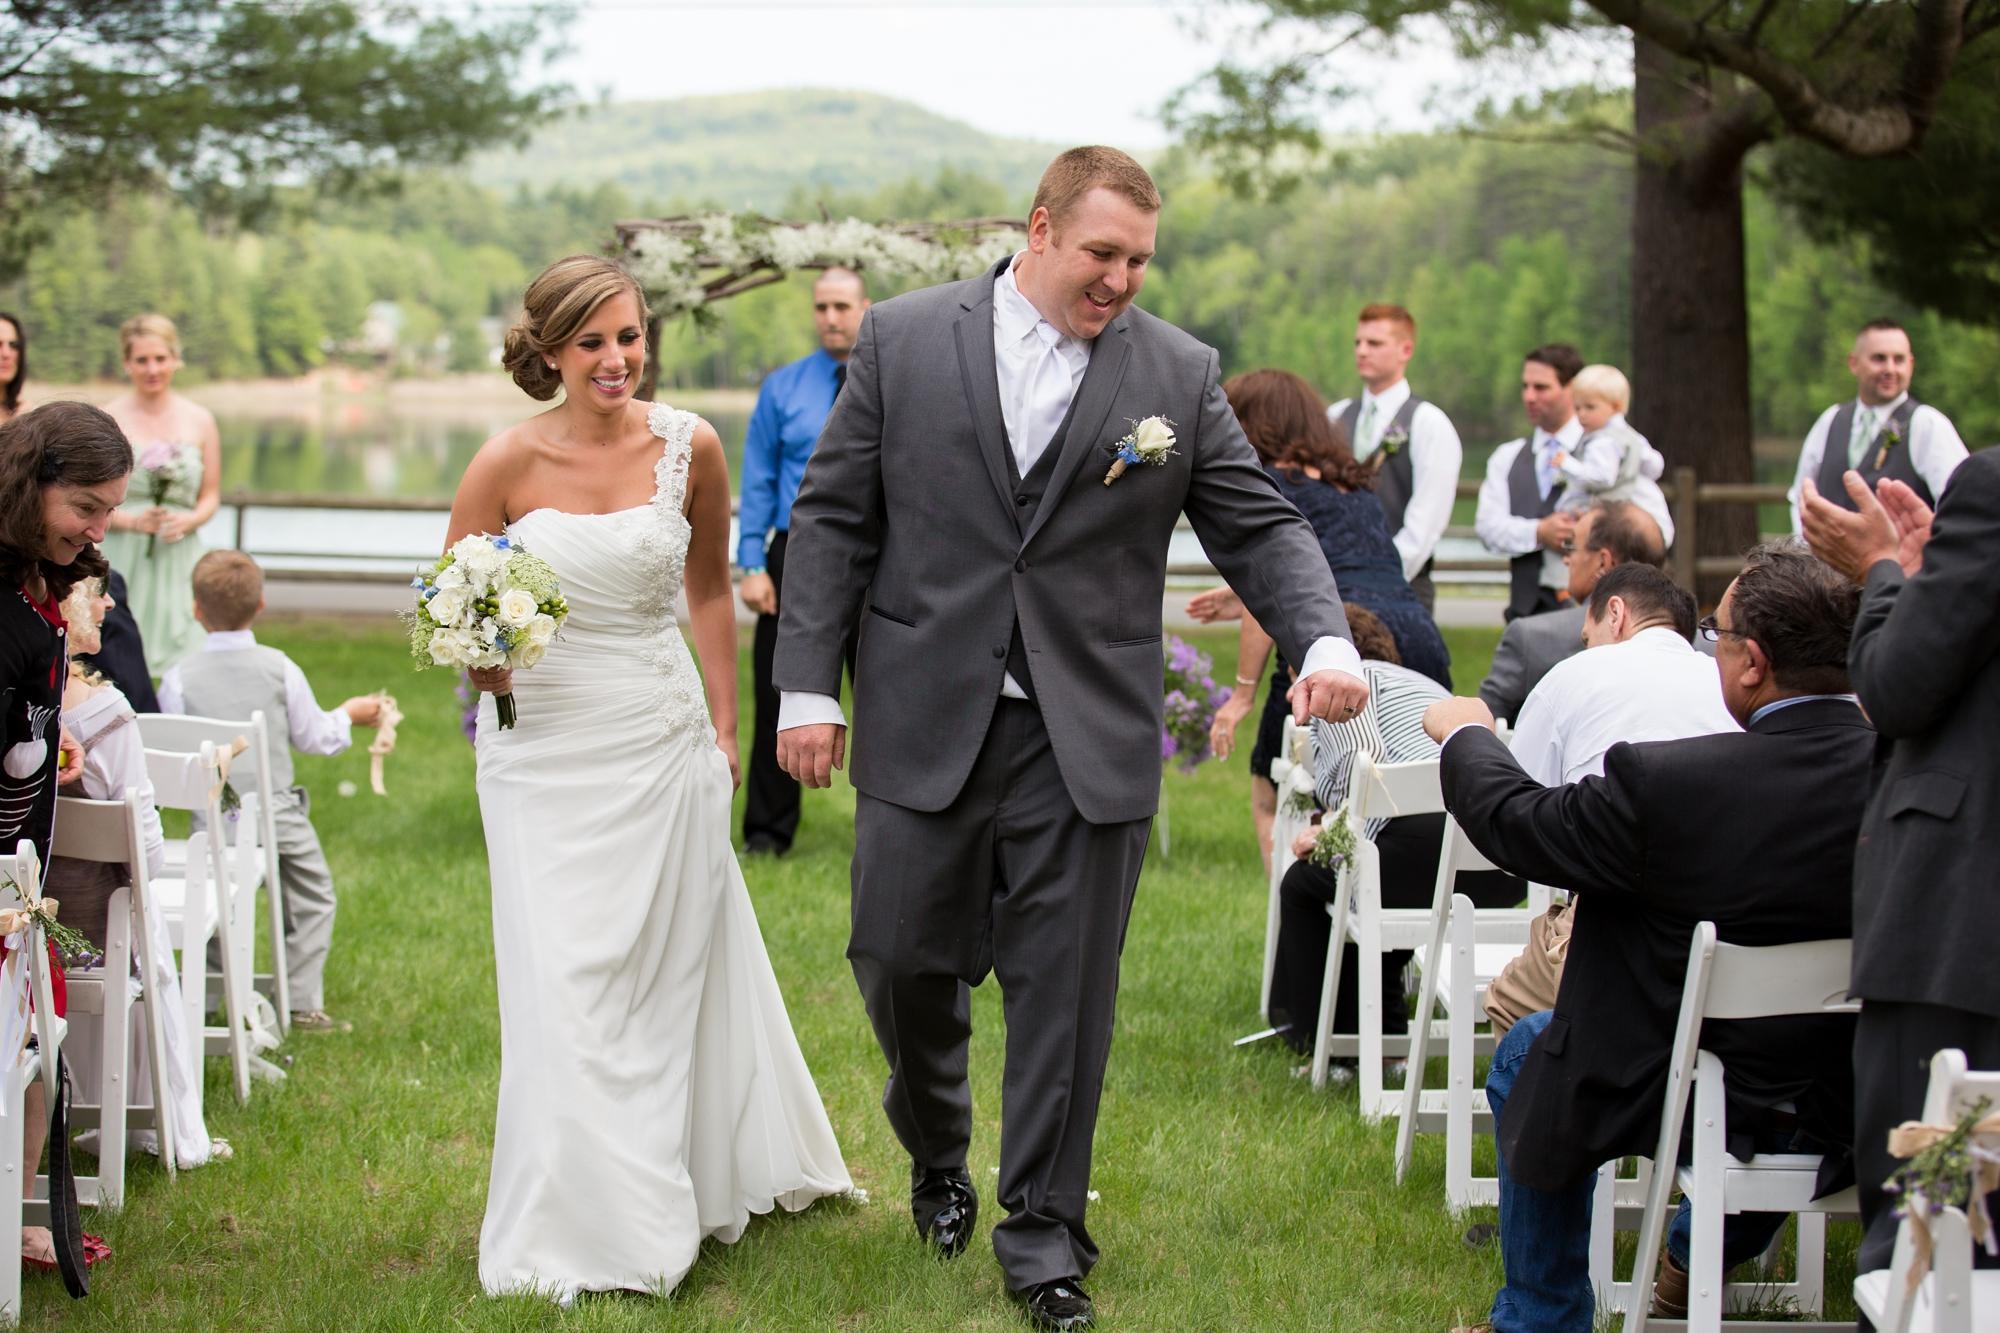 Albany NY Wedding Photographer Justin Tibbitts Photography 2014 Best of Albany NY Weddings-48516221841